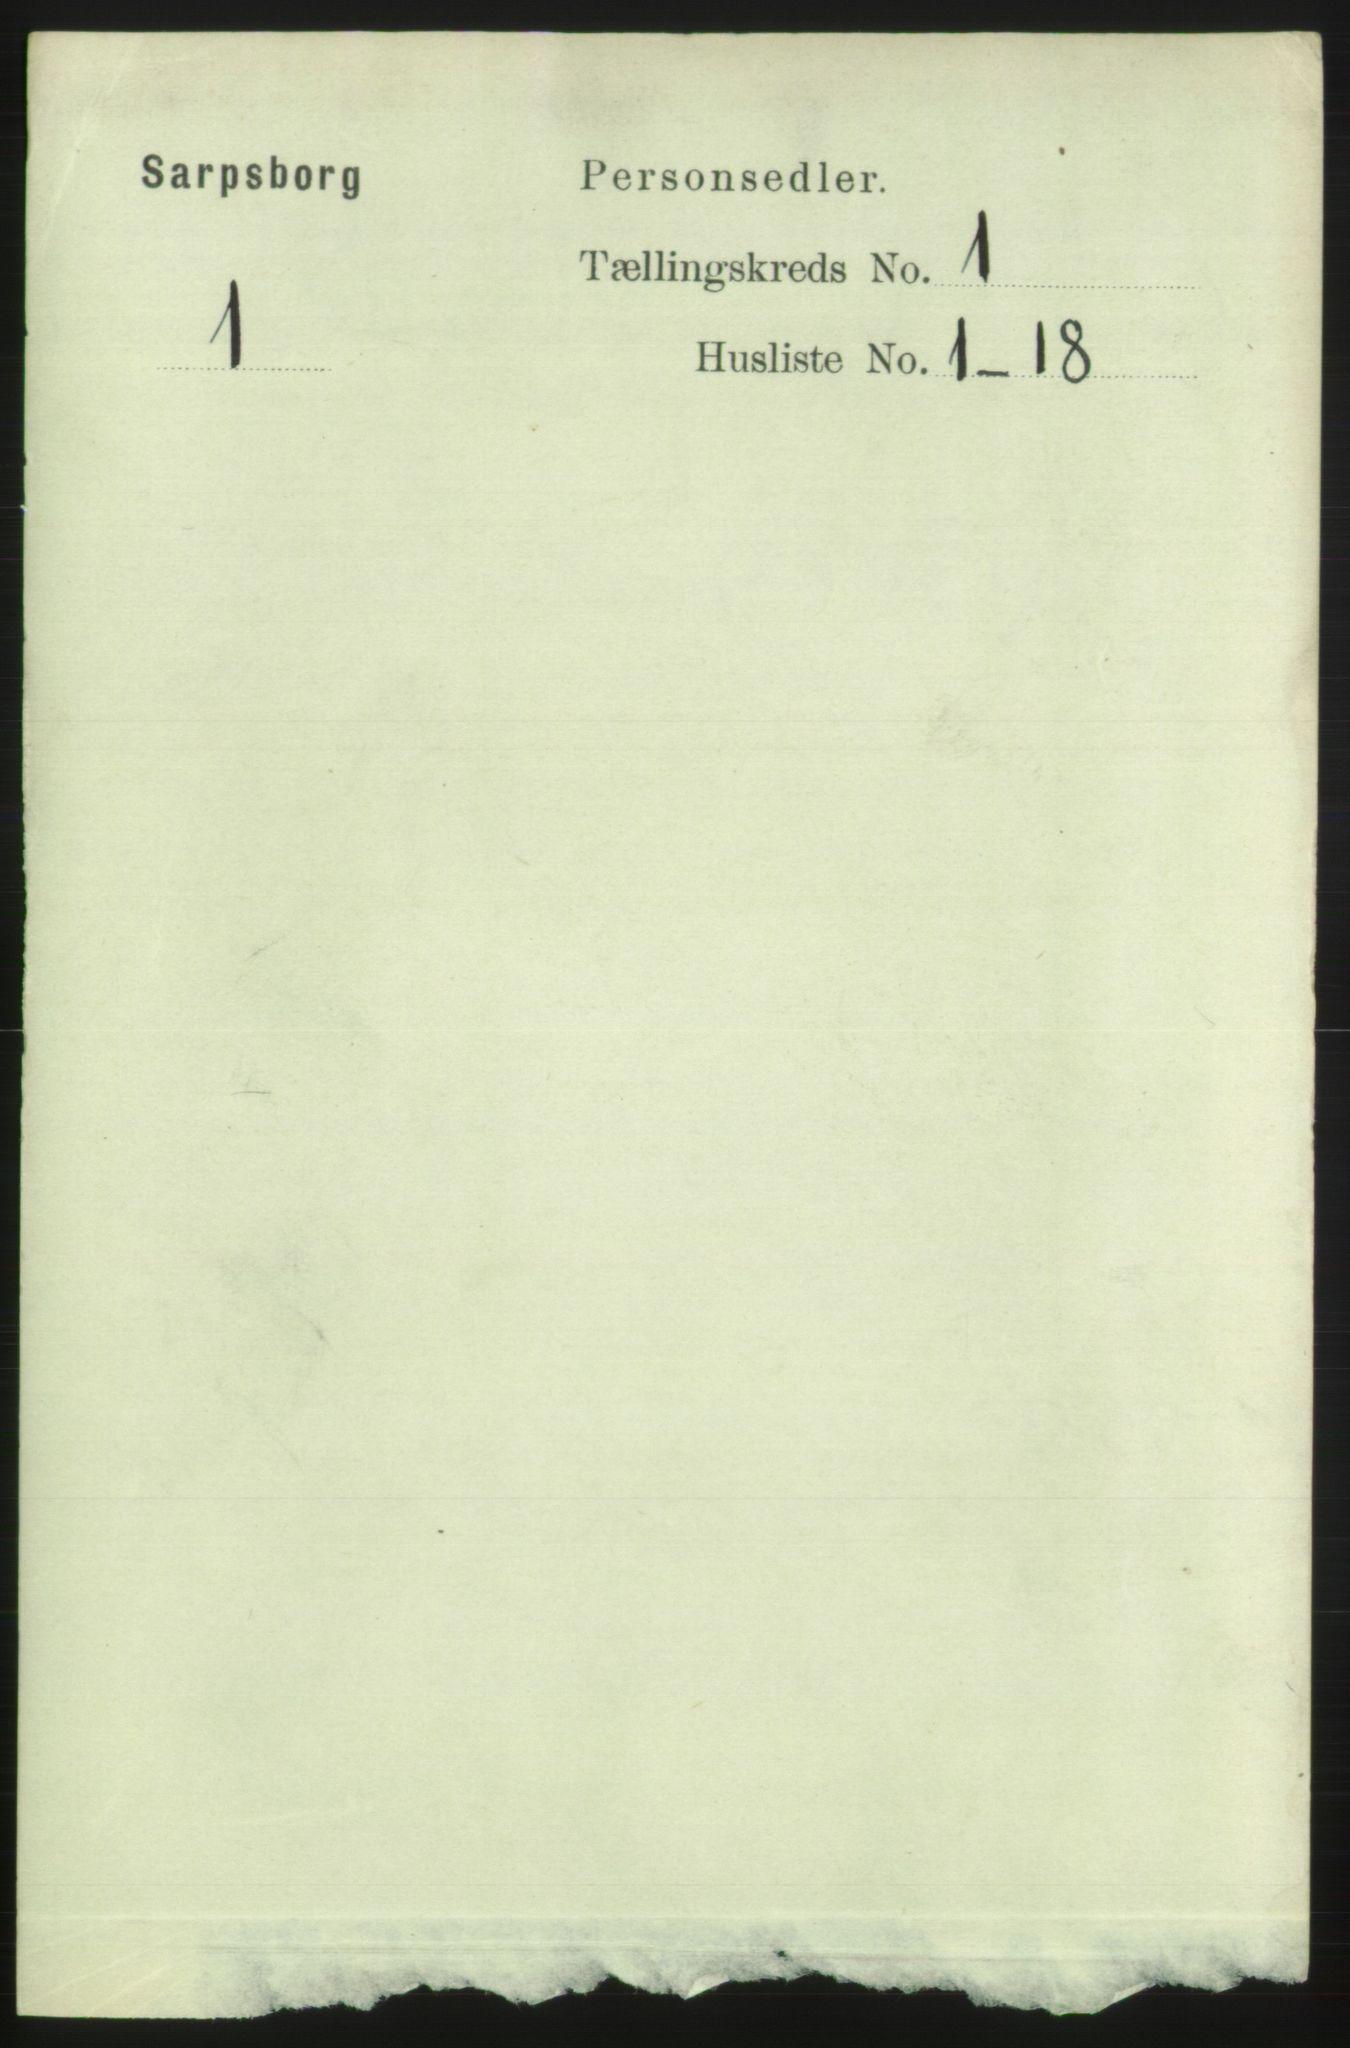 RA, Folketelling 1891 for 0102 Sarpsborg kjøpstad, 1891, s. 201